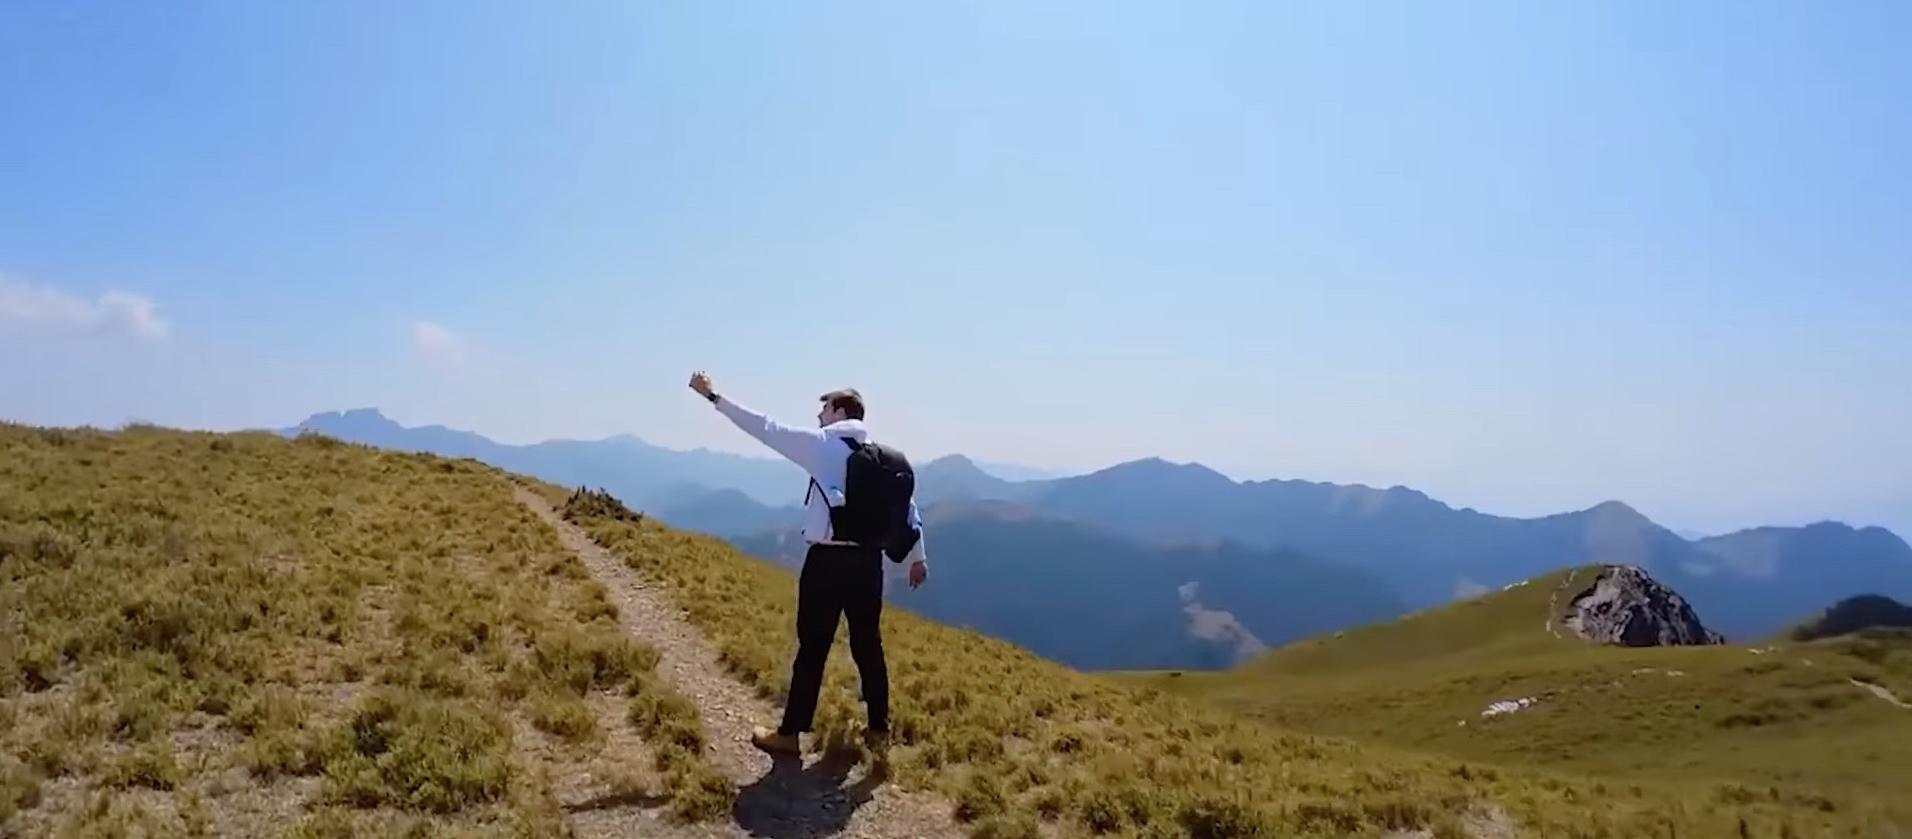 合歡北峰全紀錄!外國人攻百岳初體驗(影片)